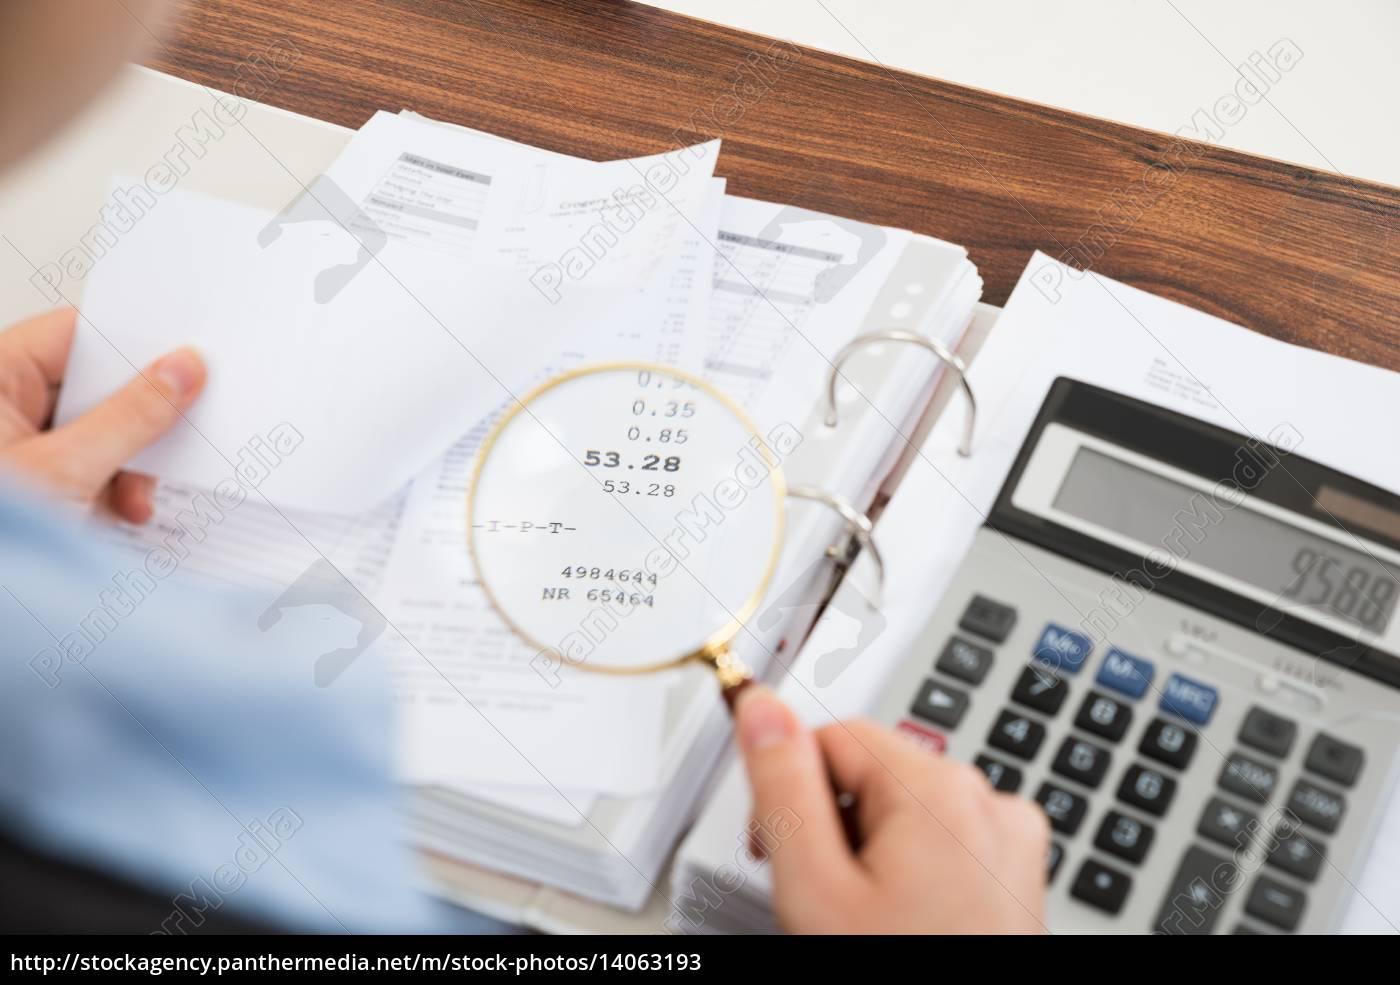 businessperson, examining, receipts - 14063193